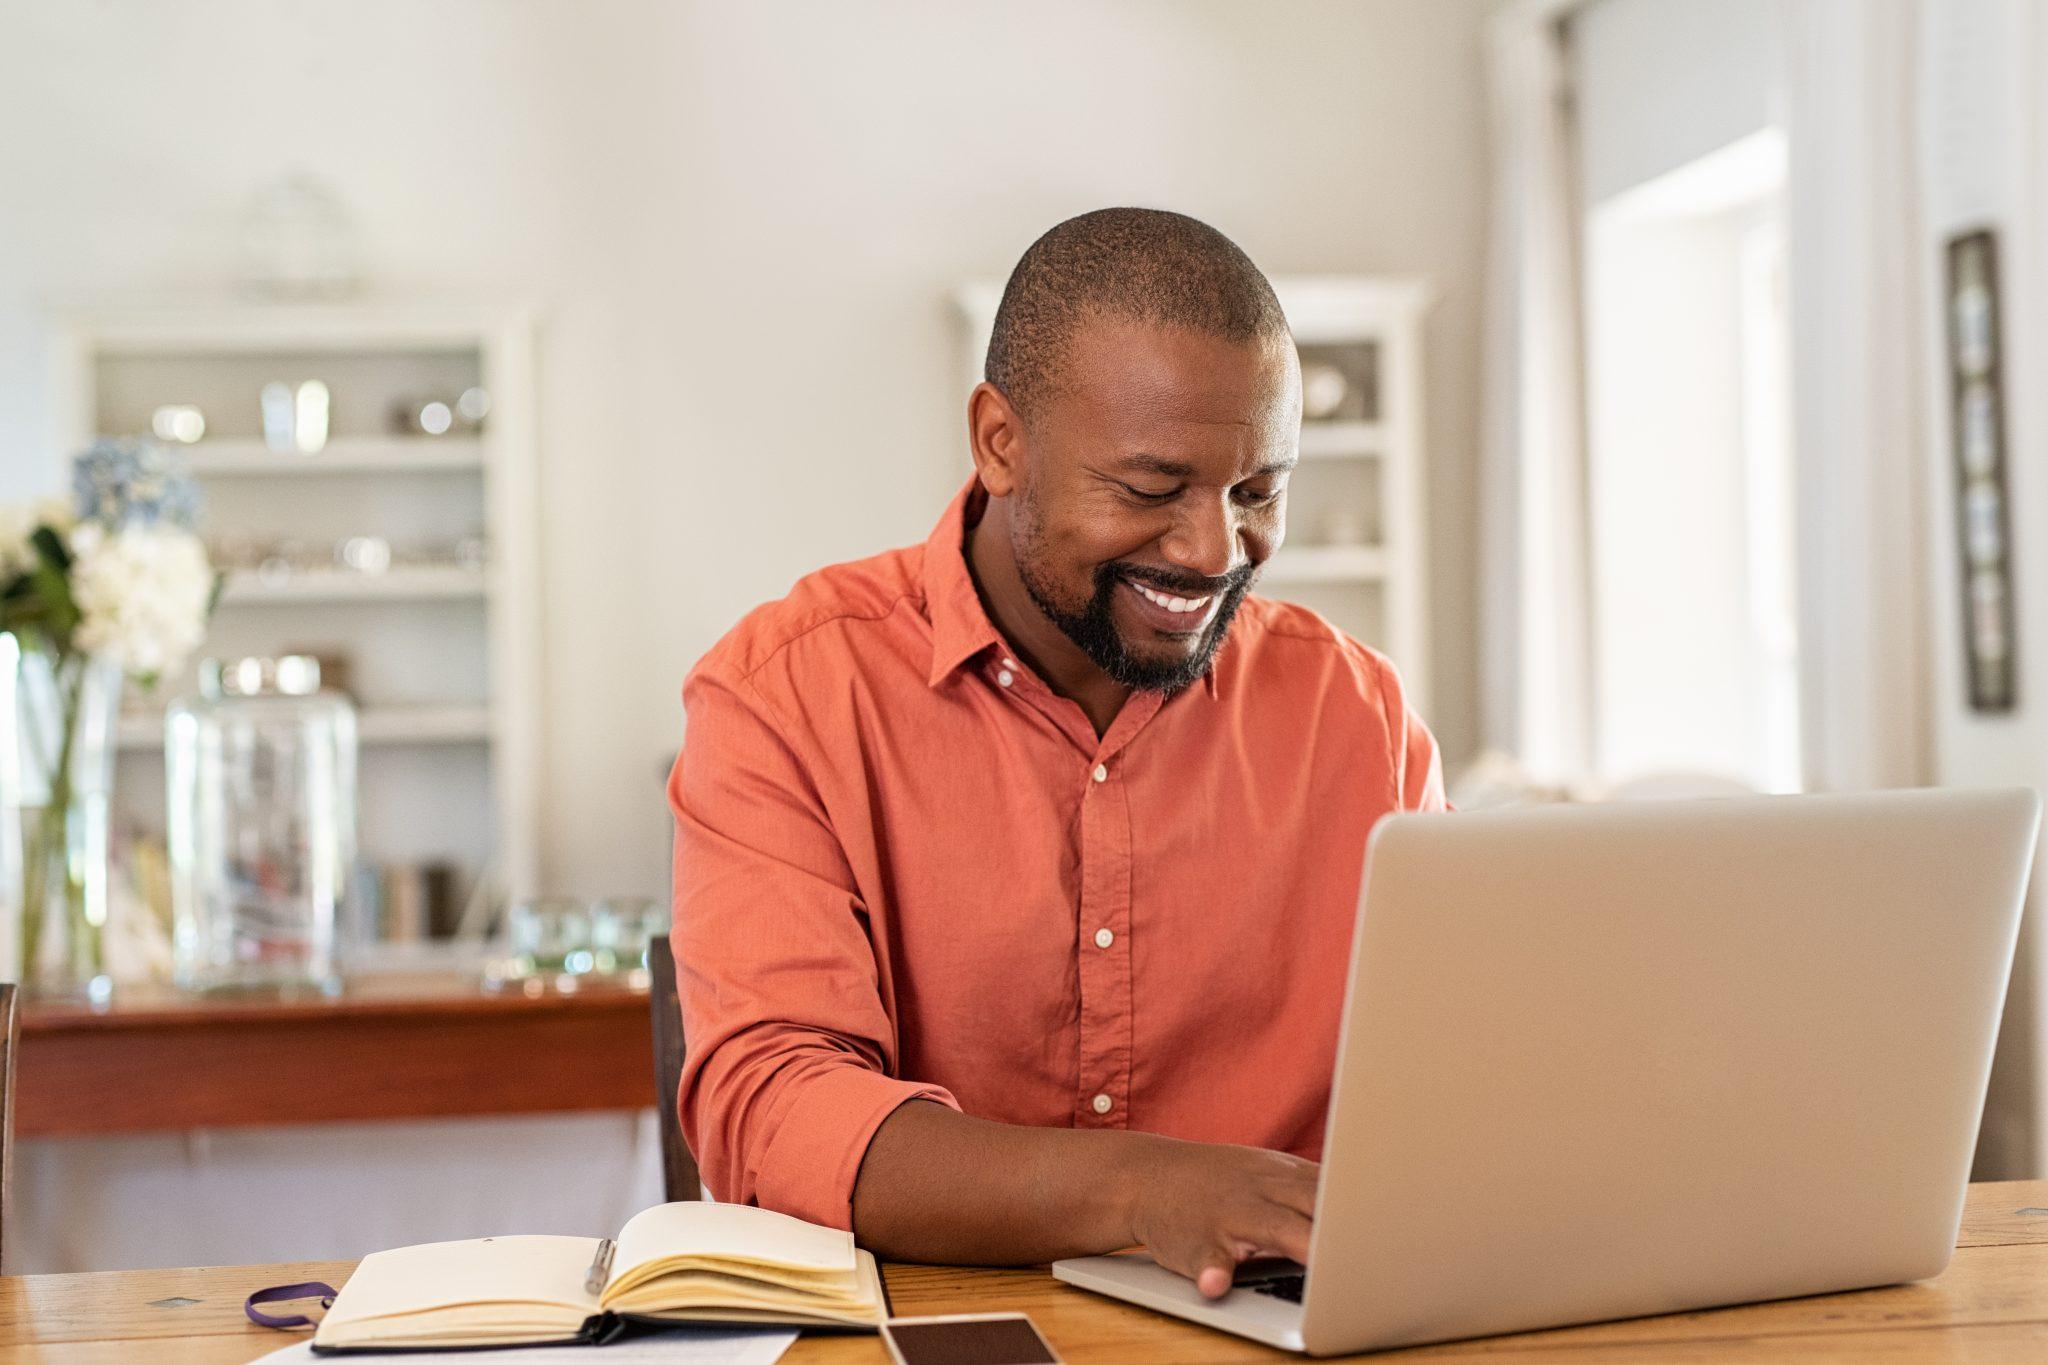 Man sitting at a computer at home.